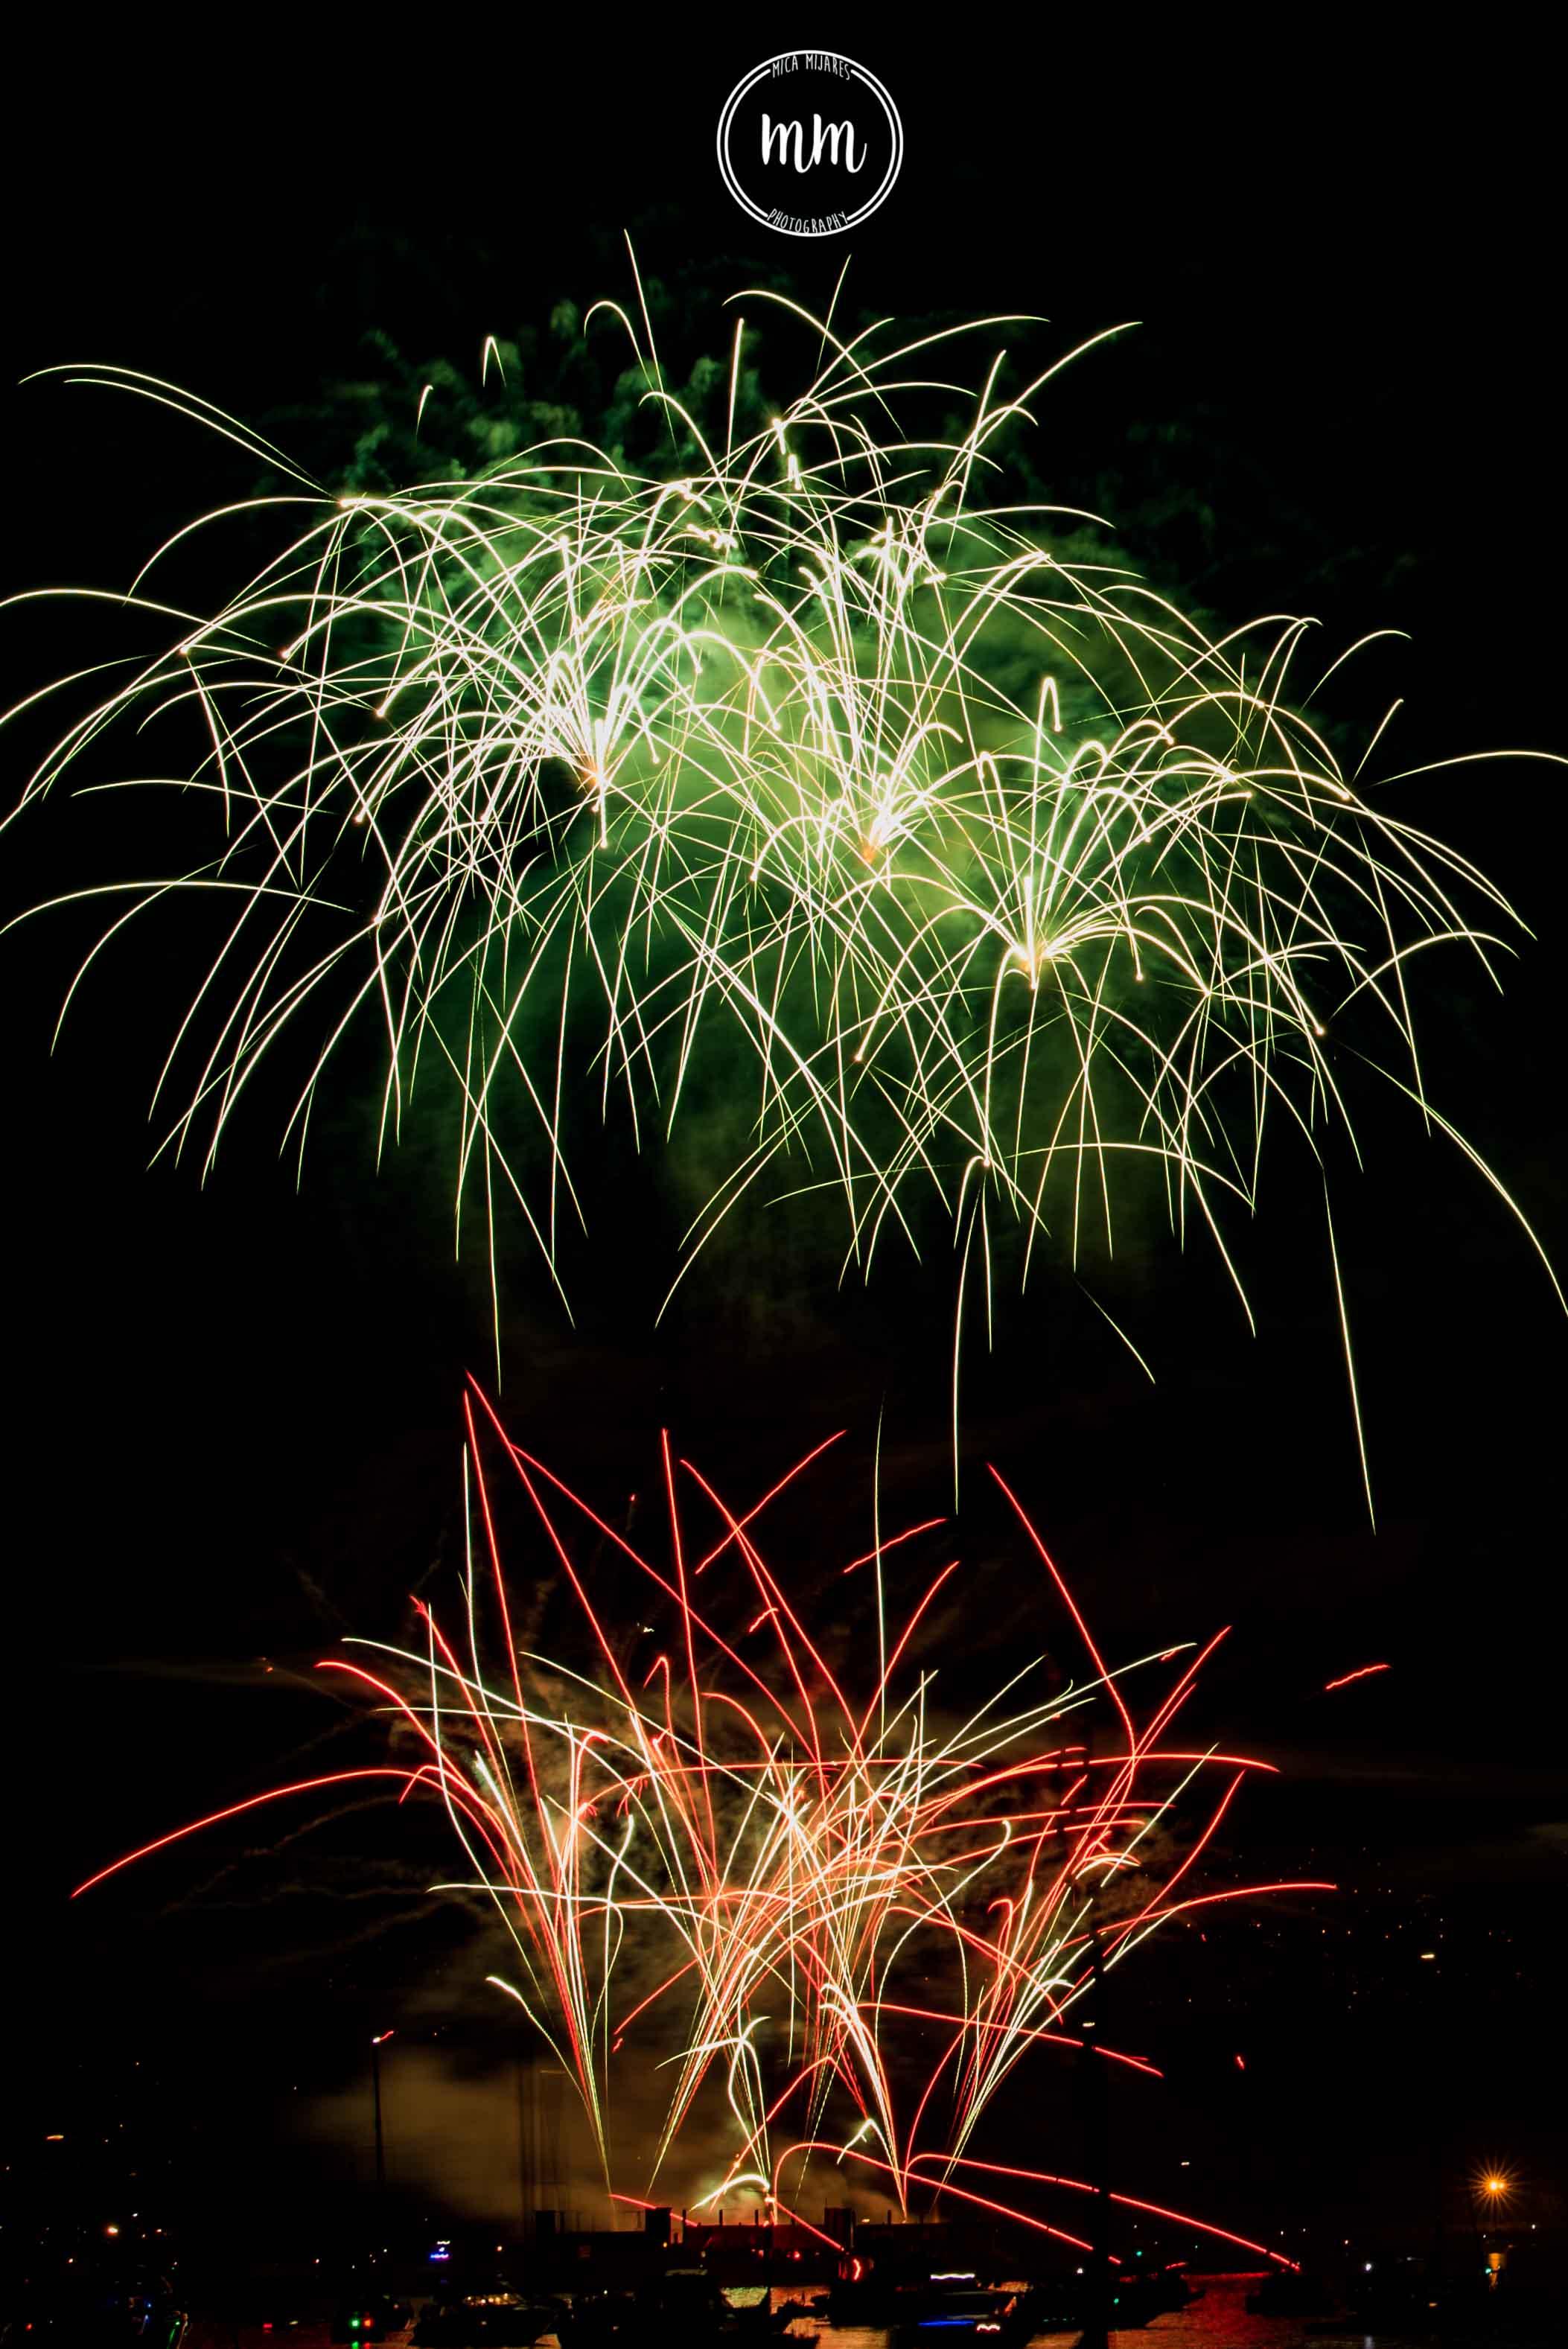 ukfireworks-MicaMijaresPhotography-2.jpg